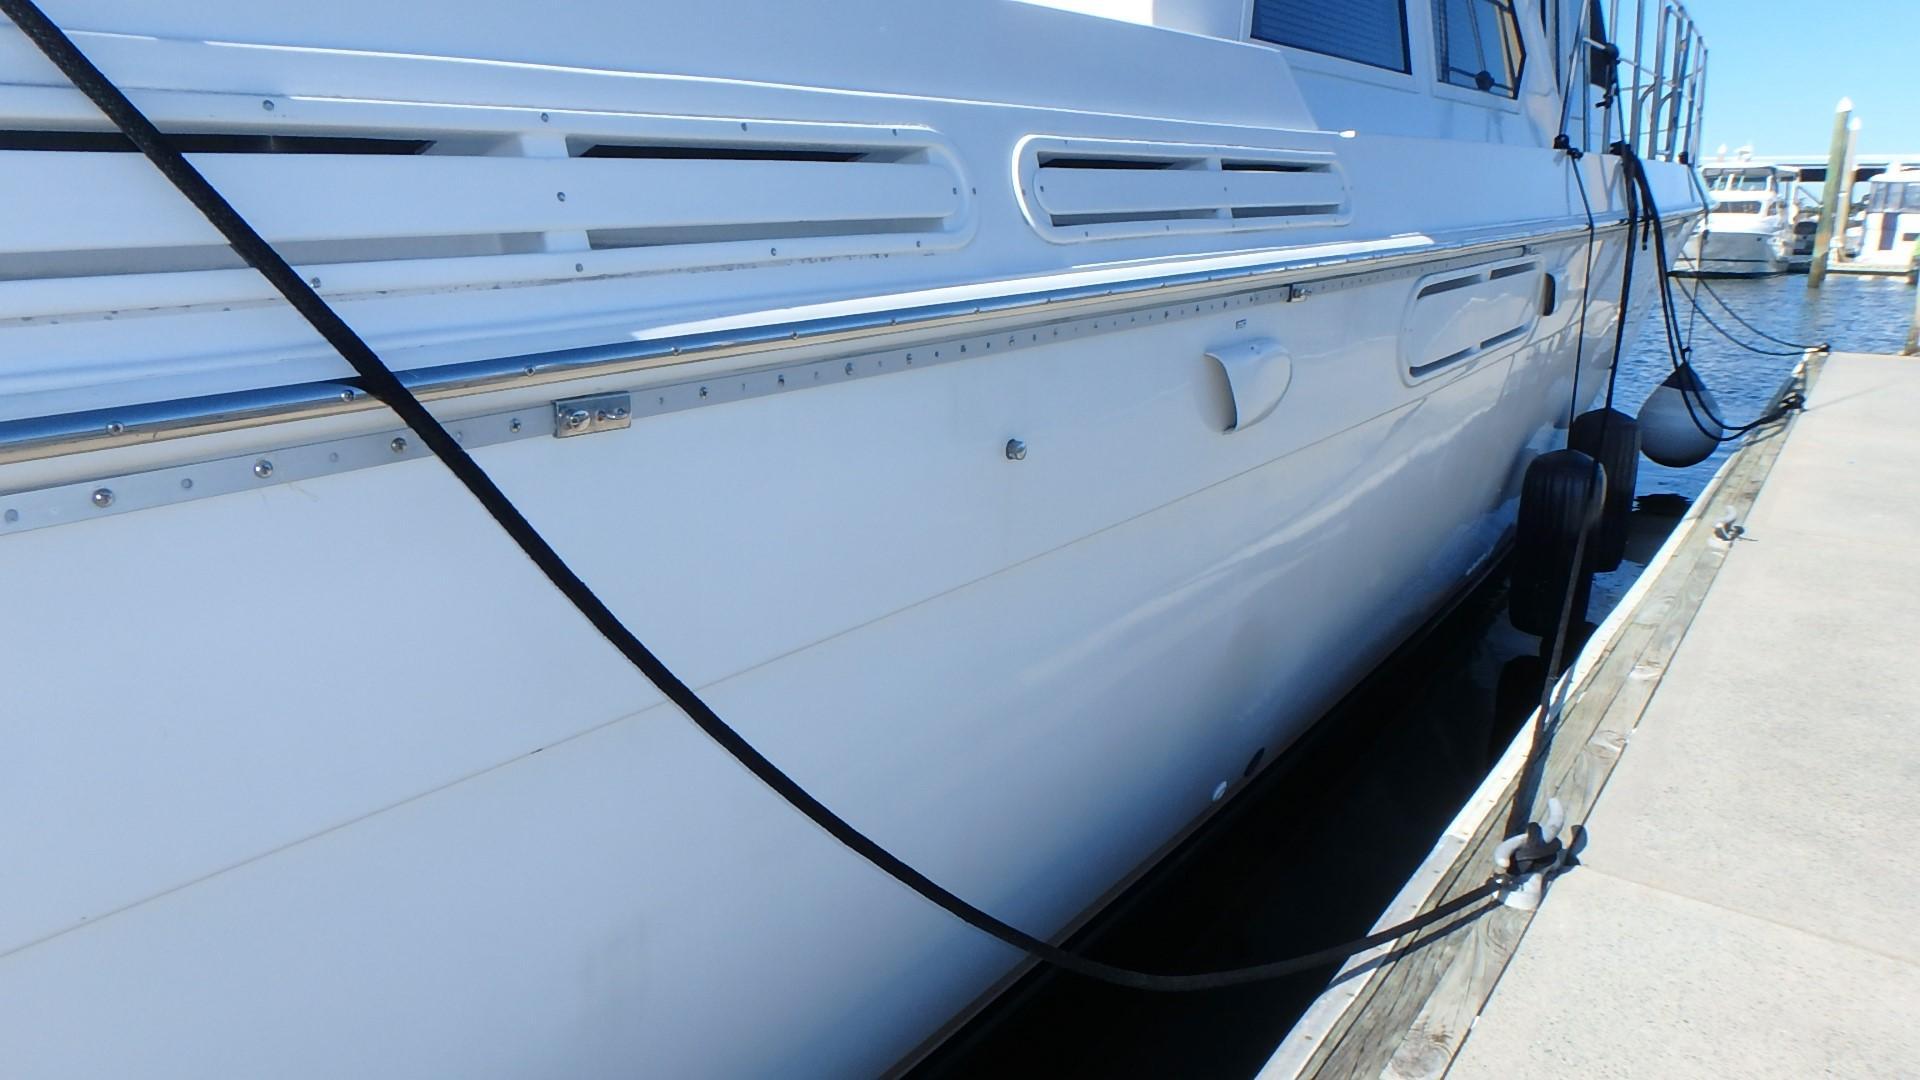 Navigator 4800 CLASSIC - Hull Shine